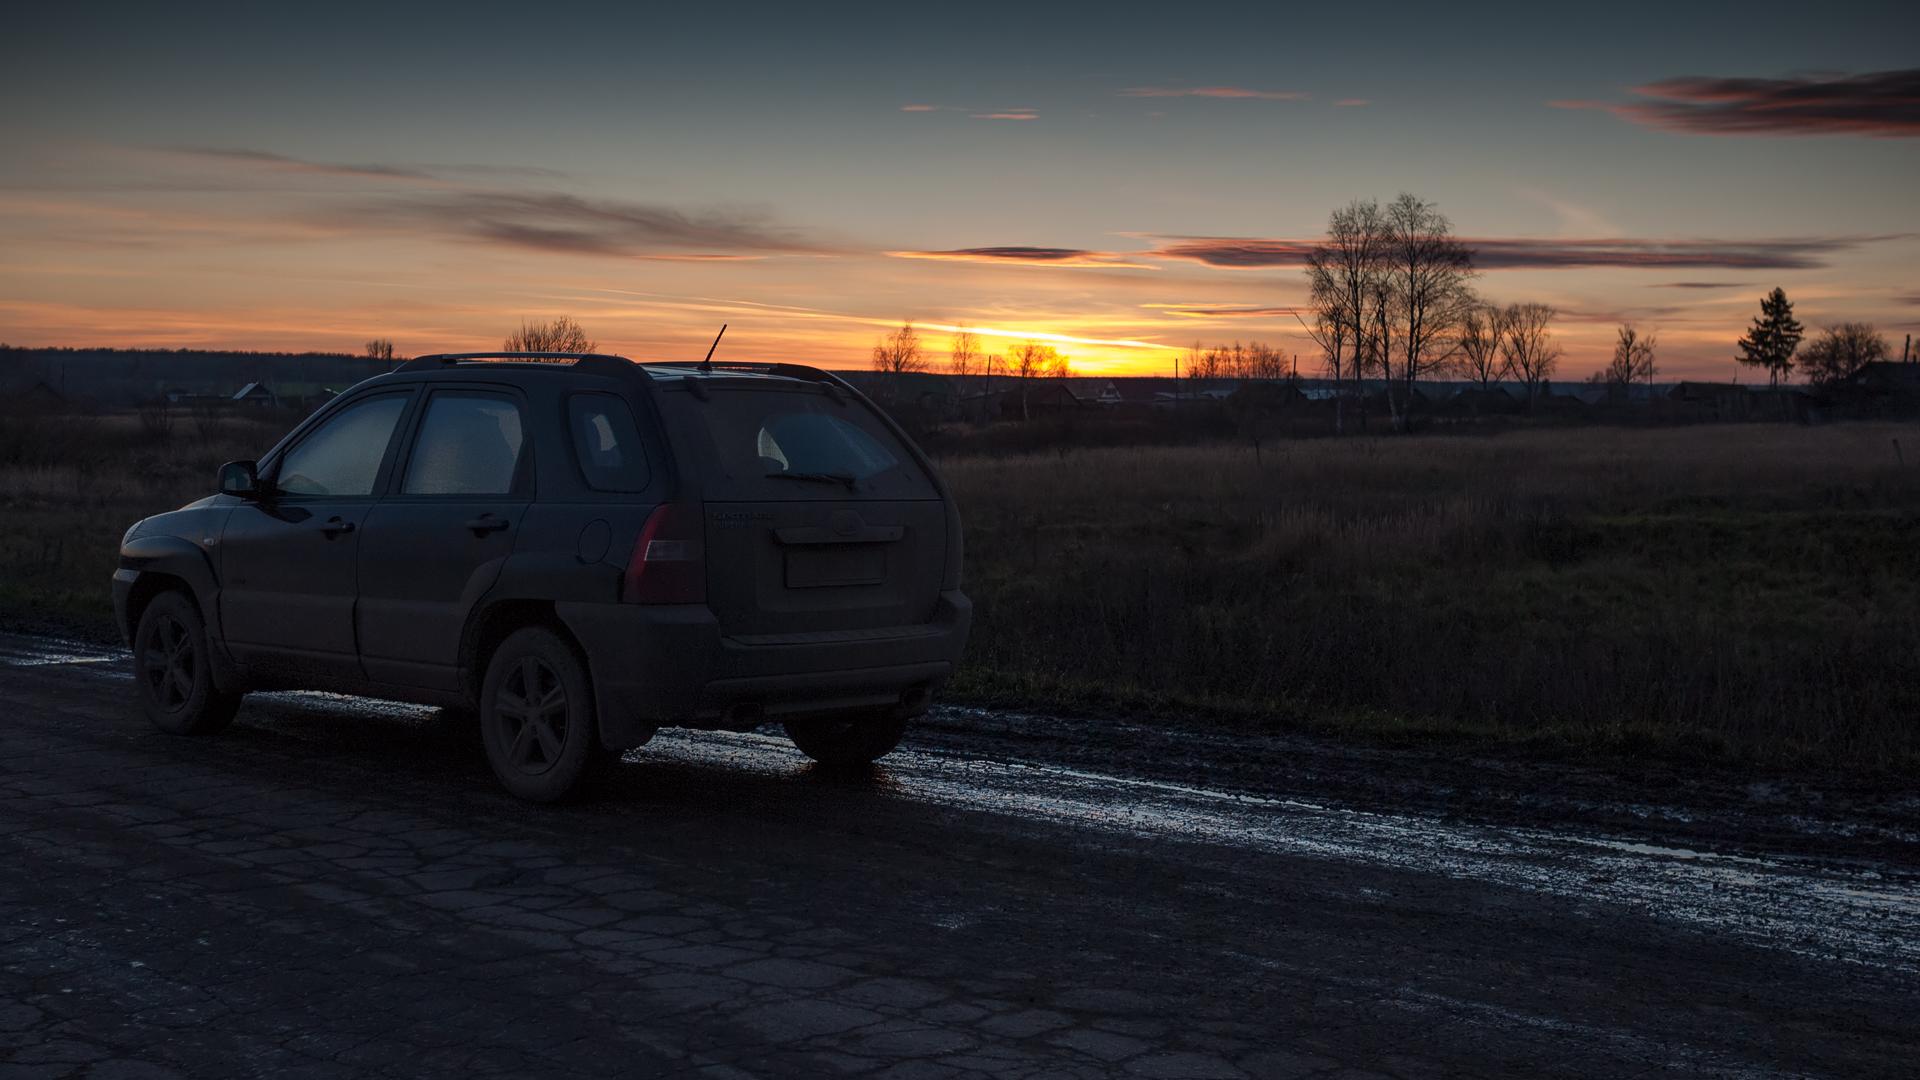 На закате. Дороги настолько грязные, что задняя дверь автомобиля покрыта сантиметровым слоем грязи.